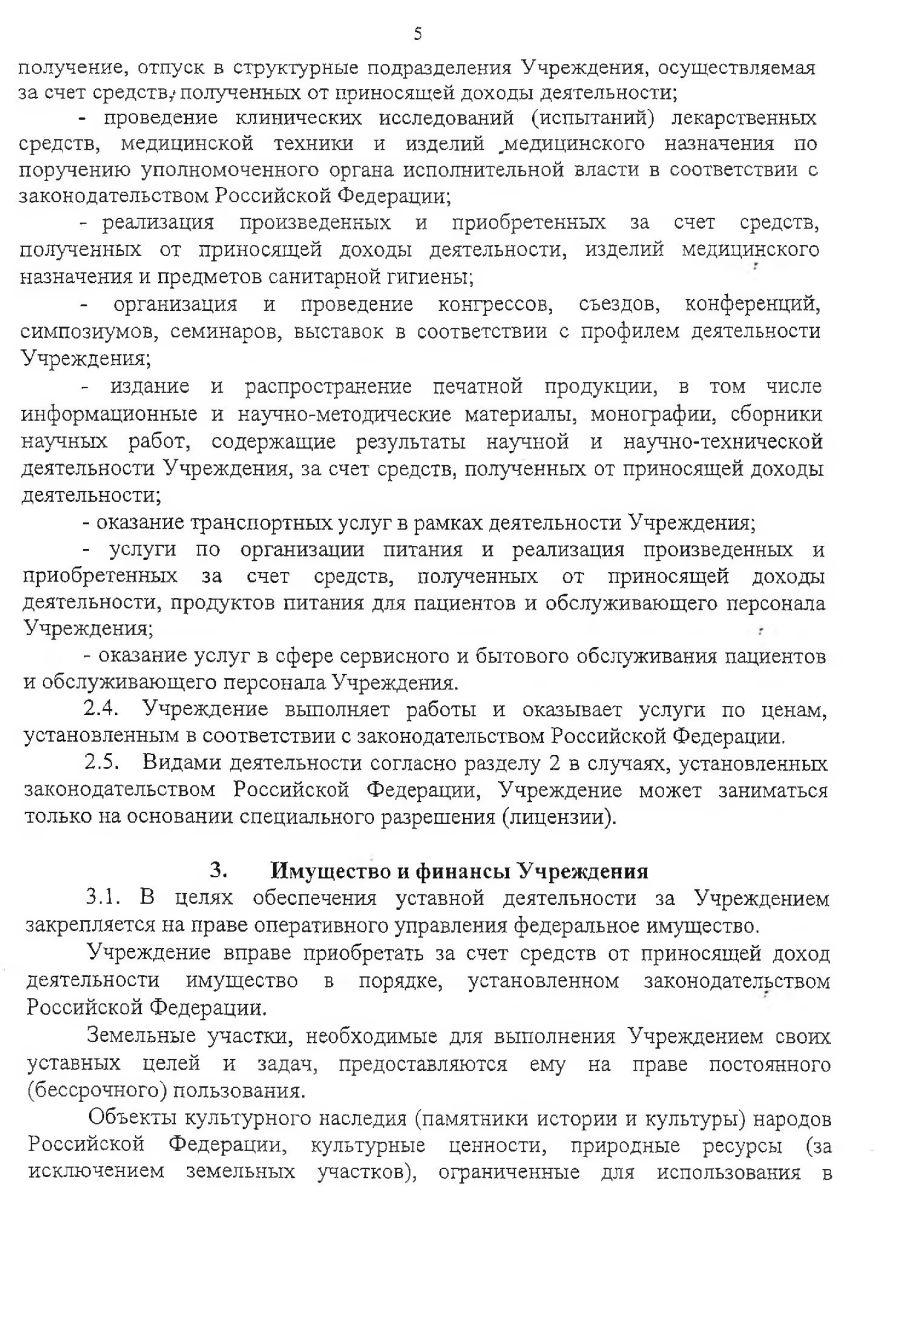 УставУчреждения_00006